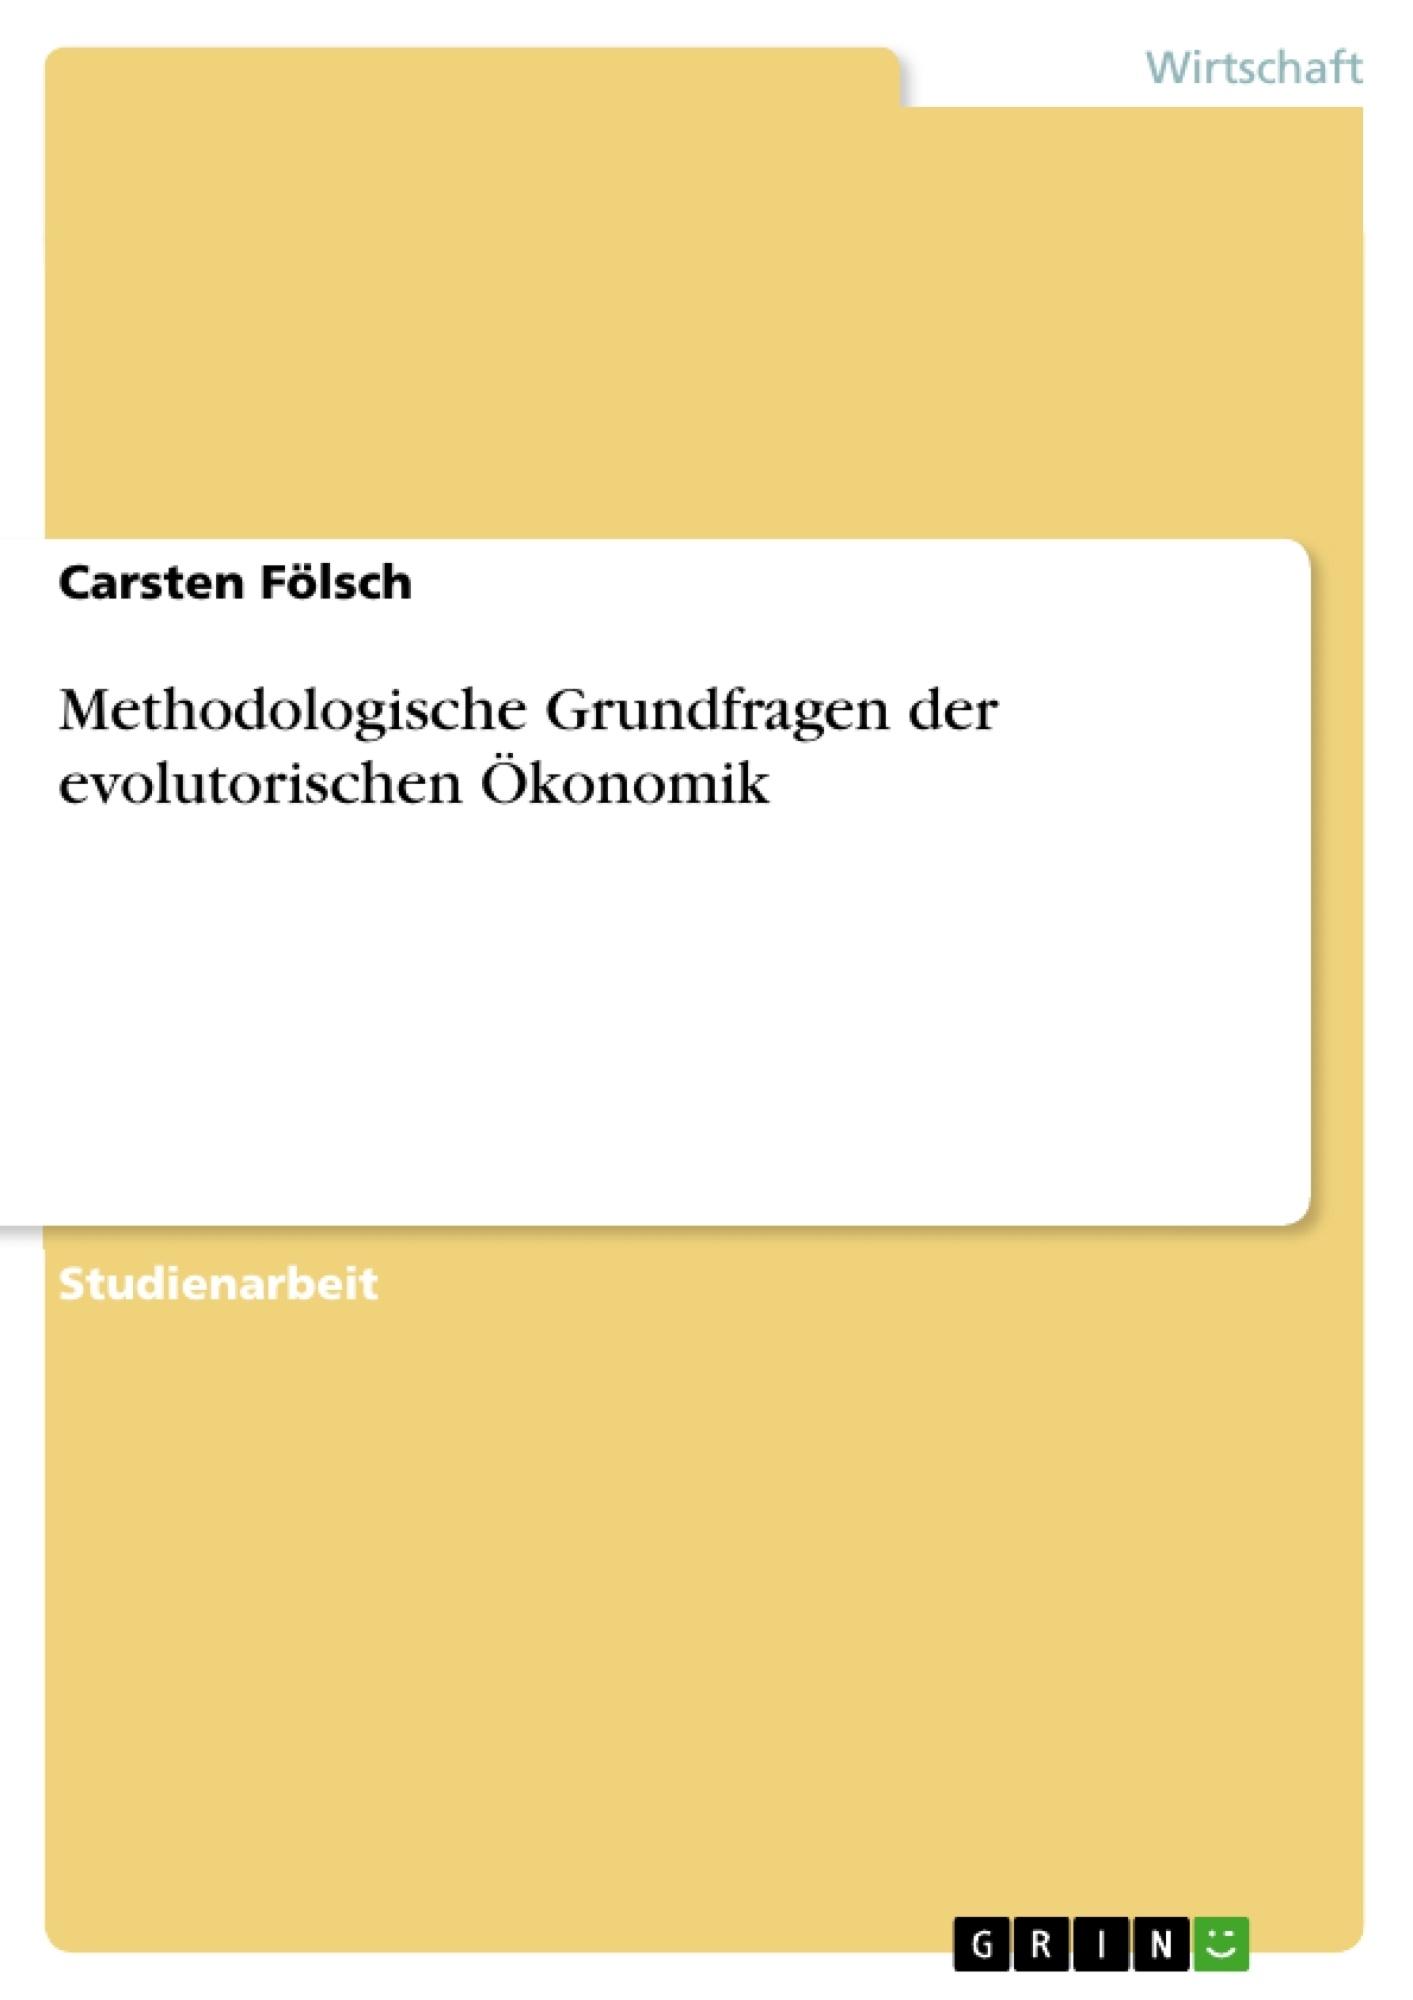 Titel: Methodologische Grundfragen der evolutorischen Ökonomik